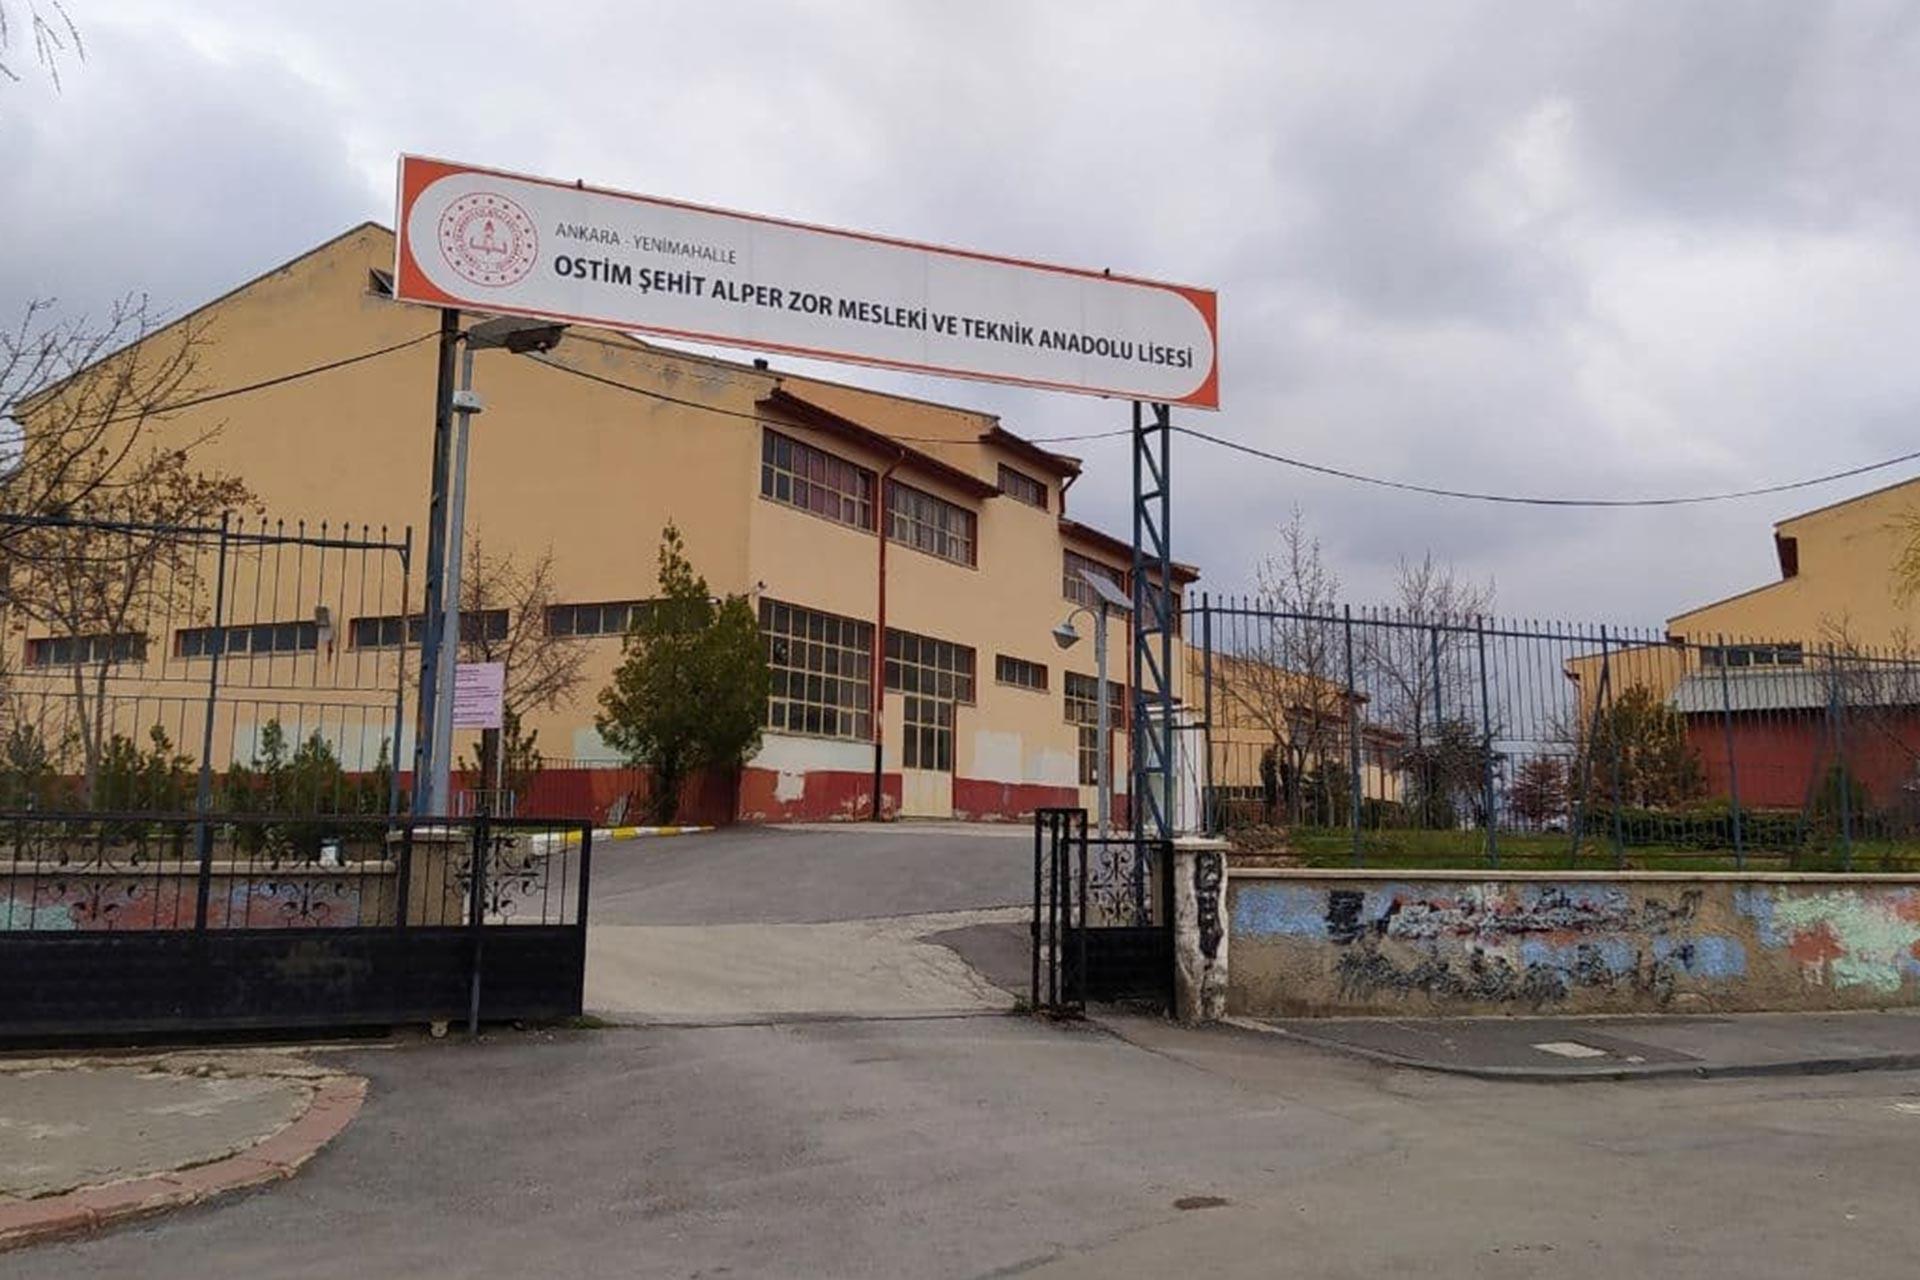 OSTİM Şehit Alper Zor Mesleki ve Teknik Anadolu Lisesi